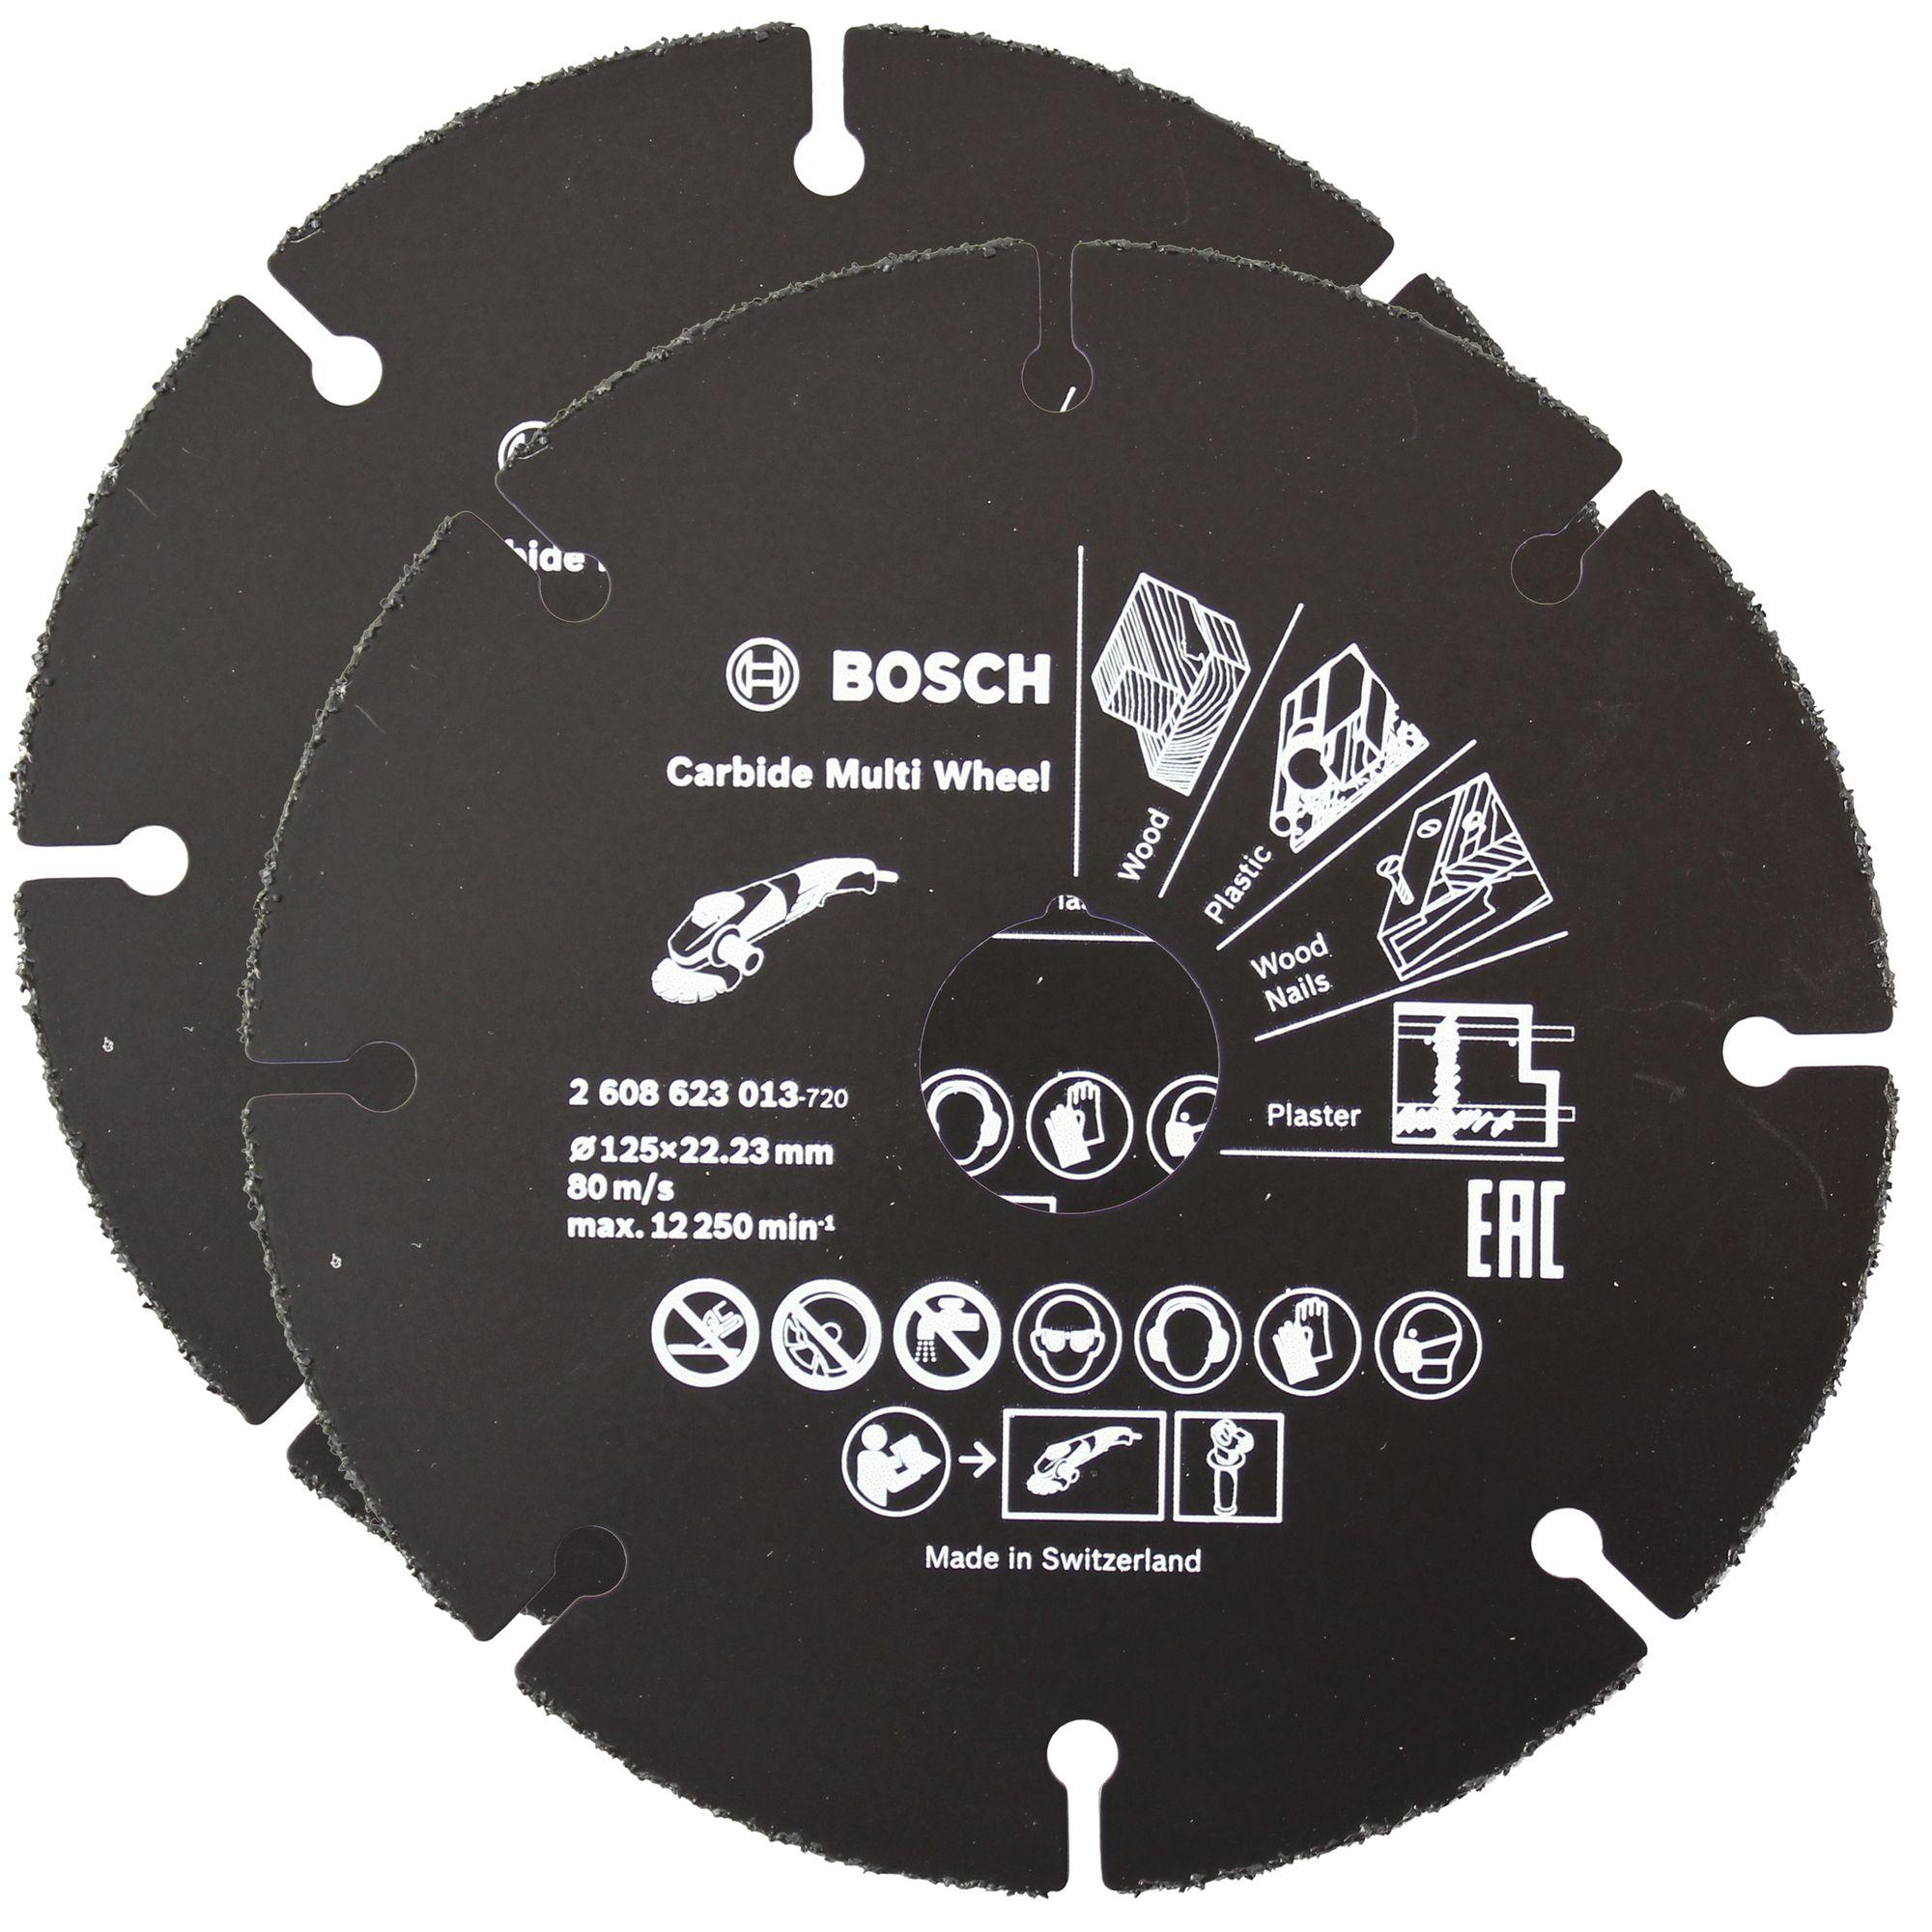 2x Bosch Trennscheibe Hartmetall Multi Wheel 125 Mm 22 23 Mm 1 Mm